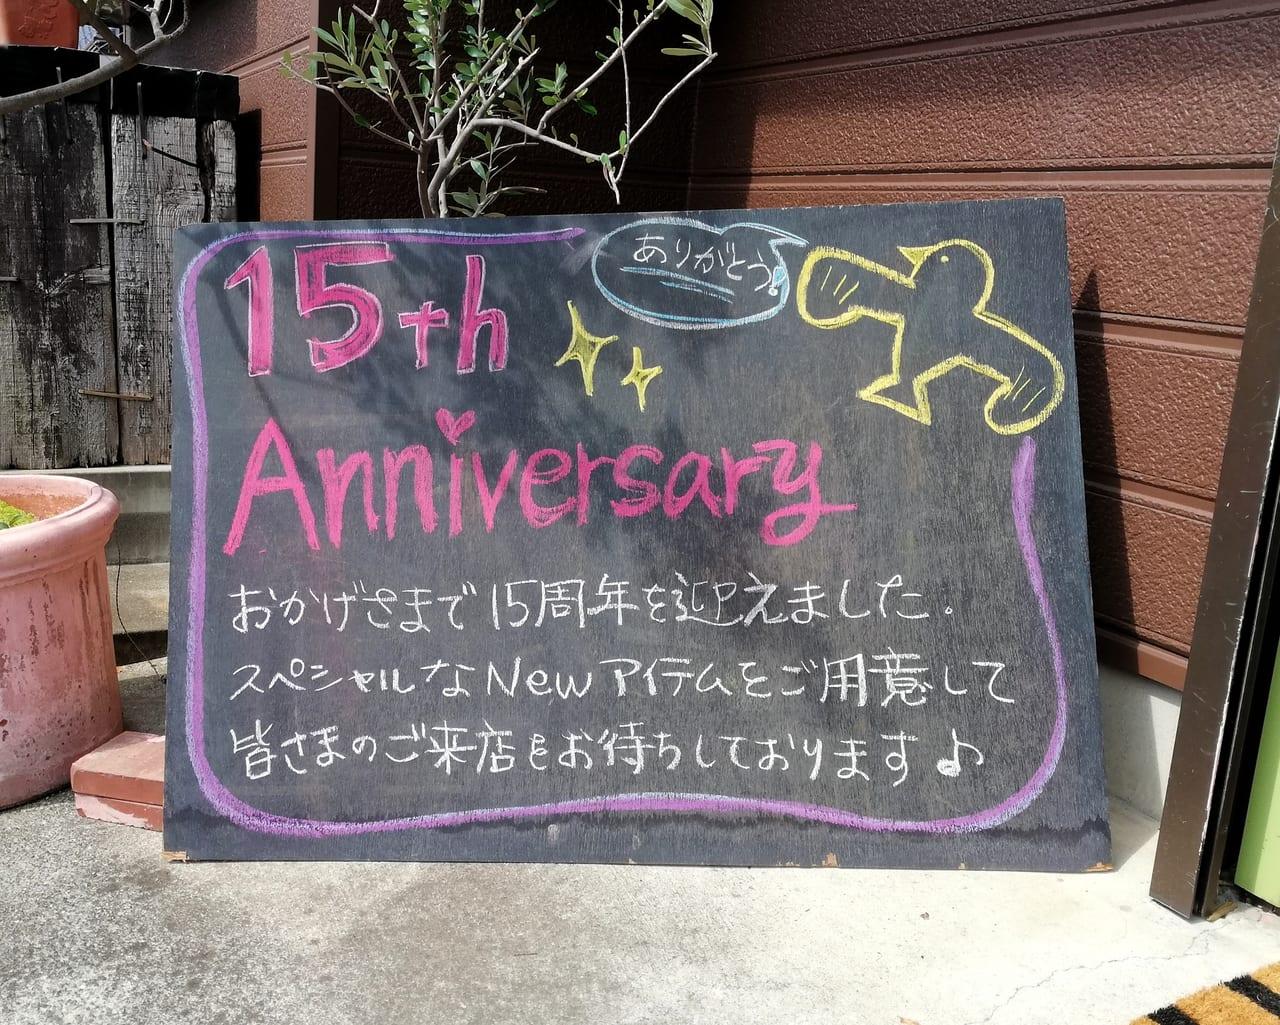 15周年を迎えた焼き菓子店マ・コピーヌ